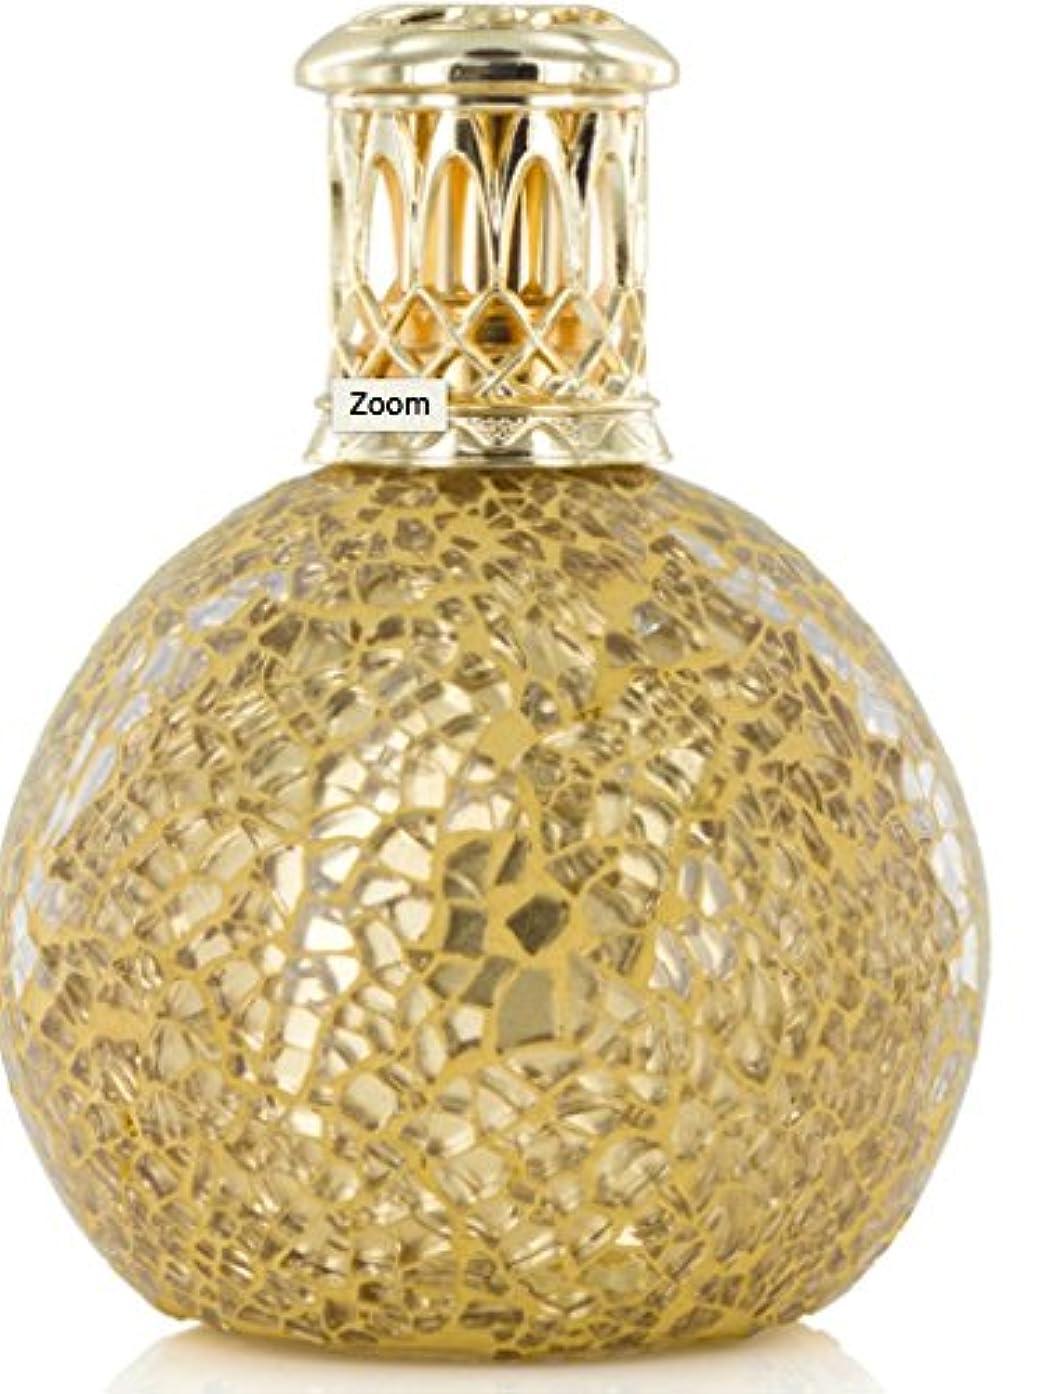 見つける少数因子Ashleigh&Burwood フレグランスランプ S ゴールデンオーブ FragranceLamps sizeS GoldenOrb アシュレイ&バーウッド